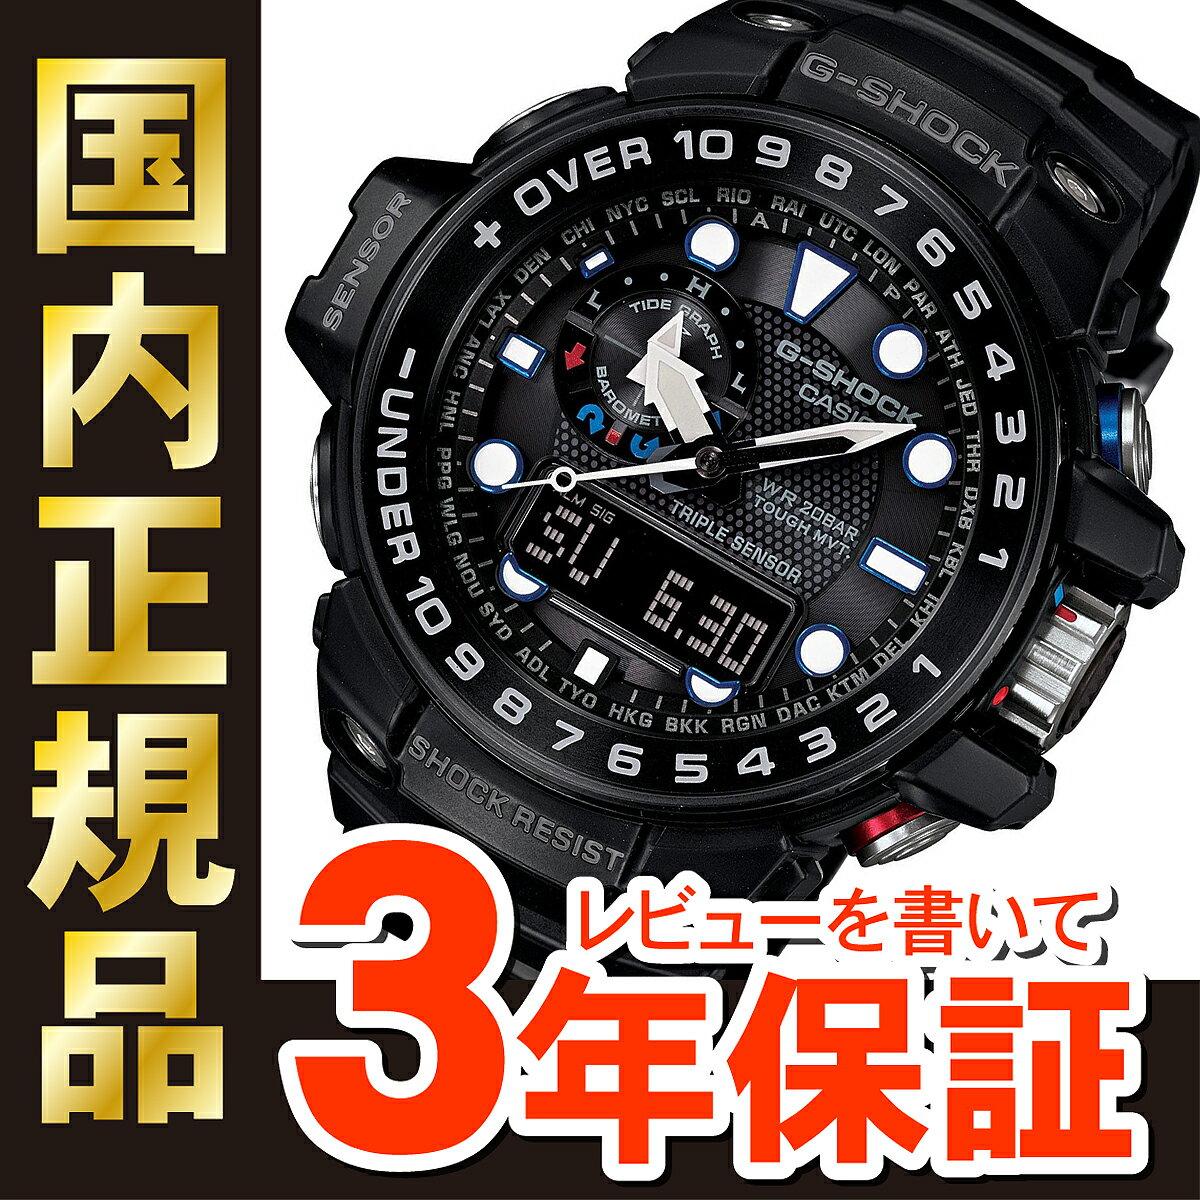 腕時計, メンズ腕時計 GWN-1000B-1AJF G CASIO G-SHOCK GULFMASTER GWN-1000B-1AJF5sp